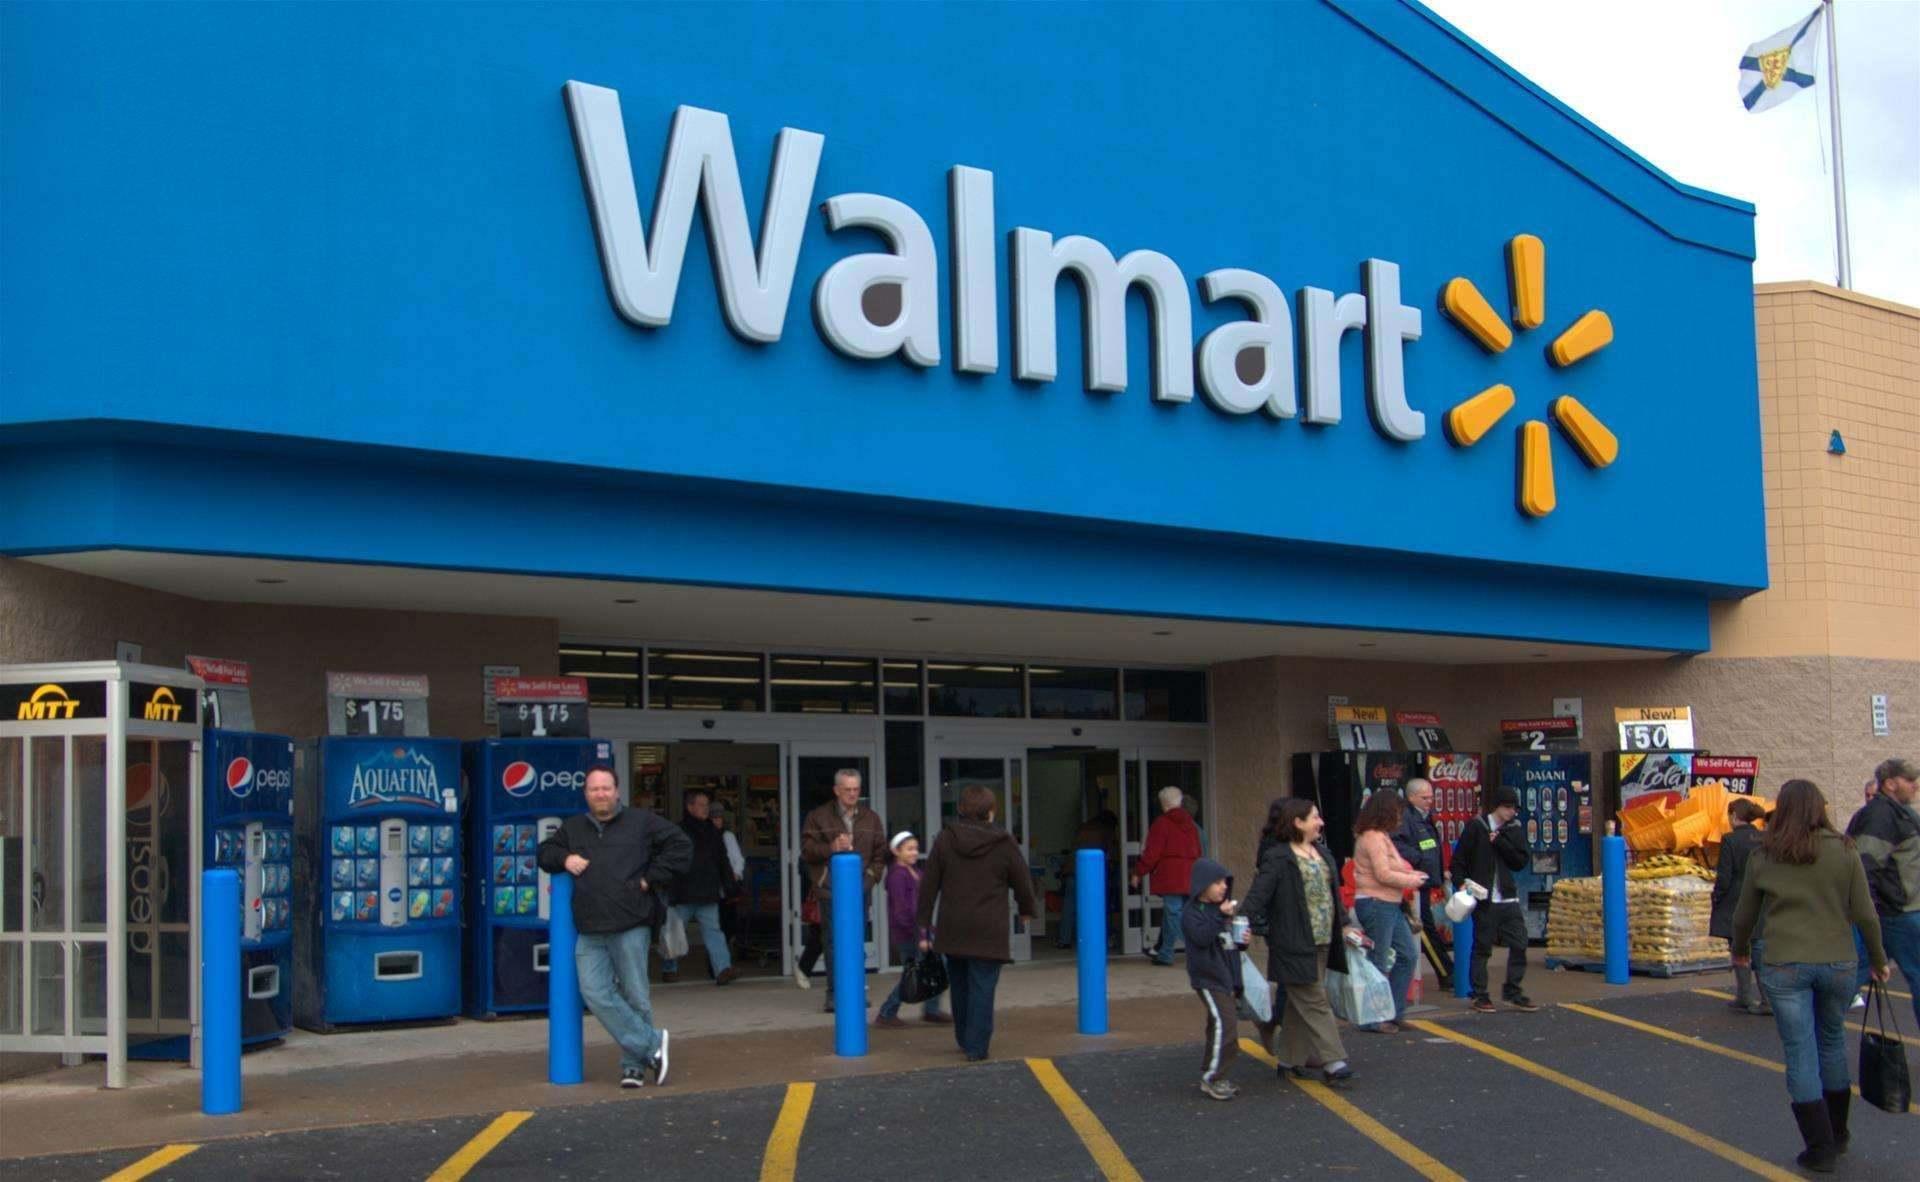 沃尔玛为新零售做准备 前期准备并不少